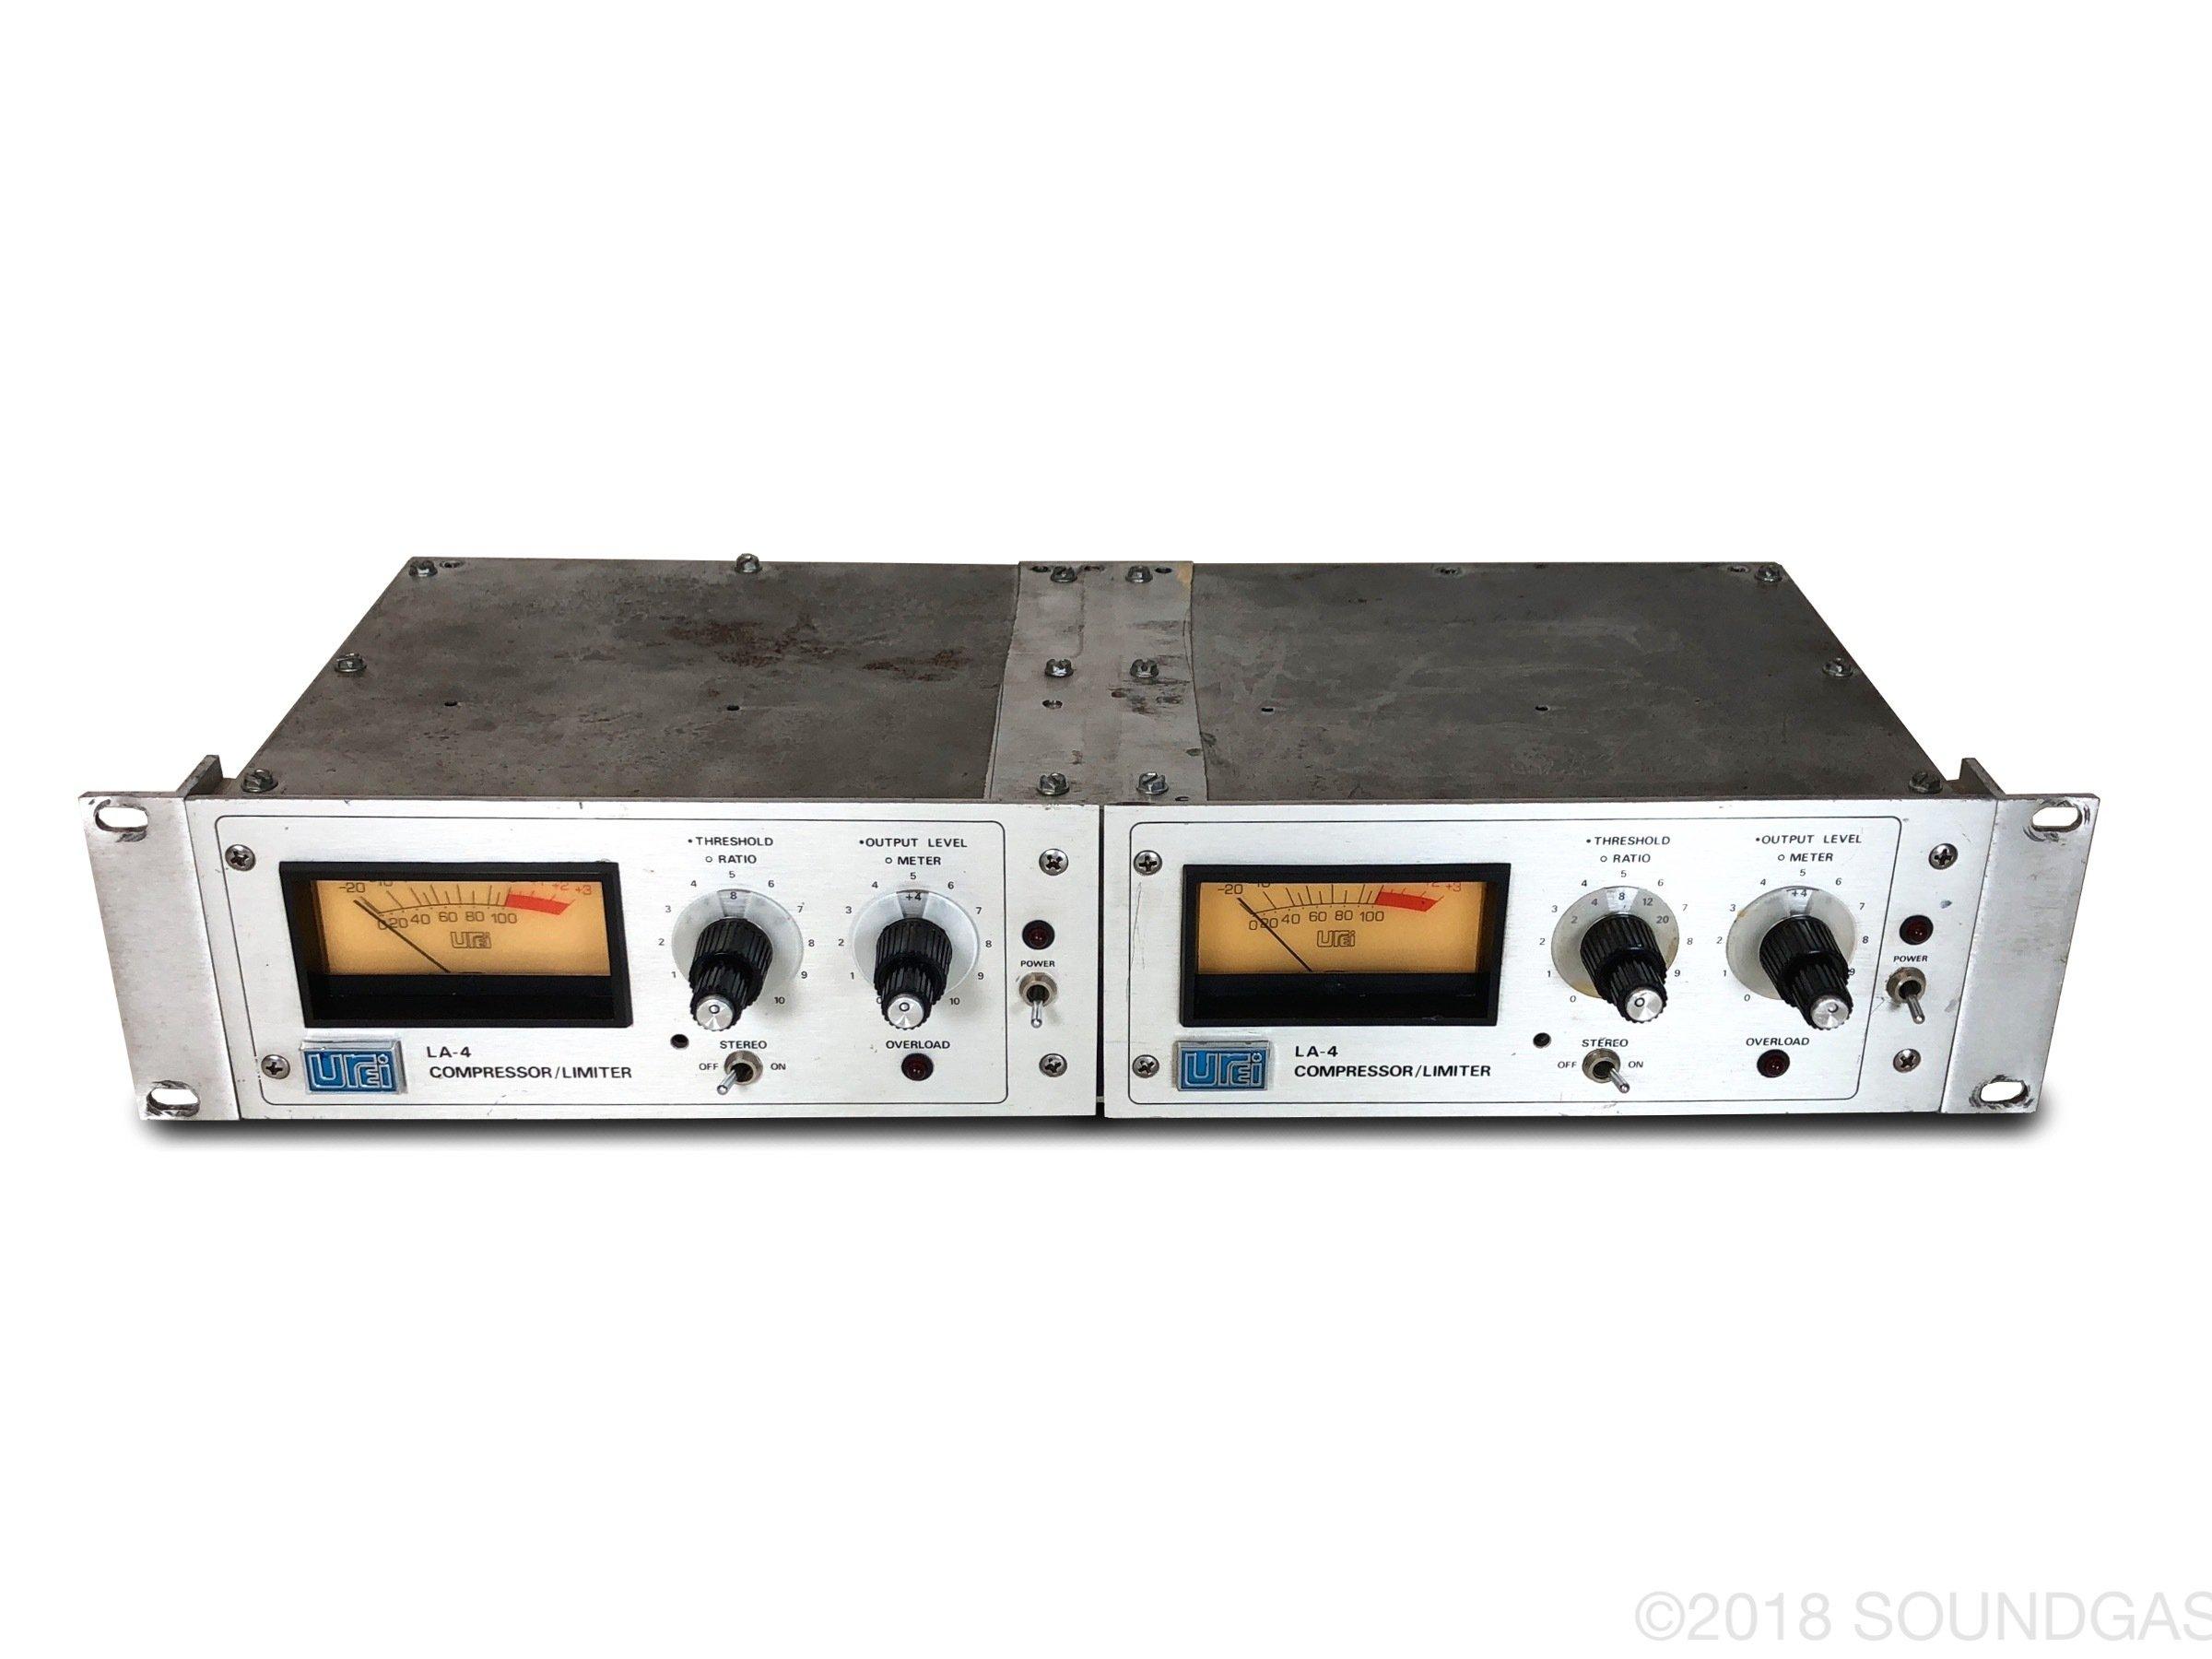 UREI LA-4 Silverface Compressor / Limiter Pair